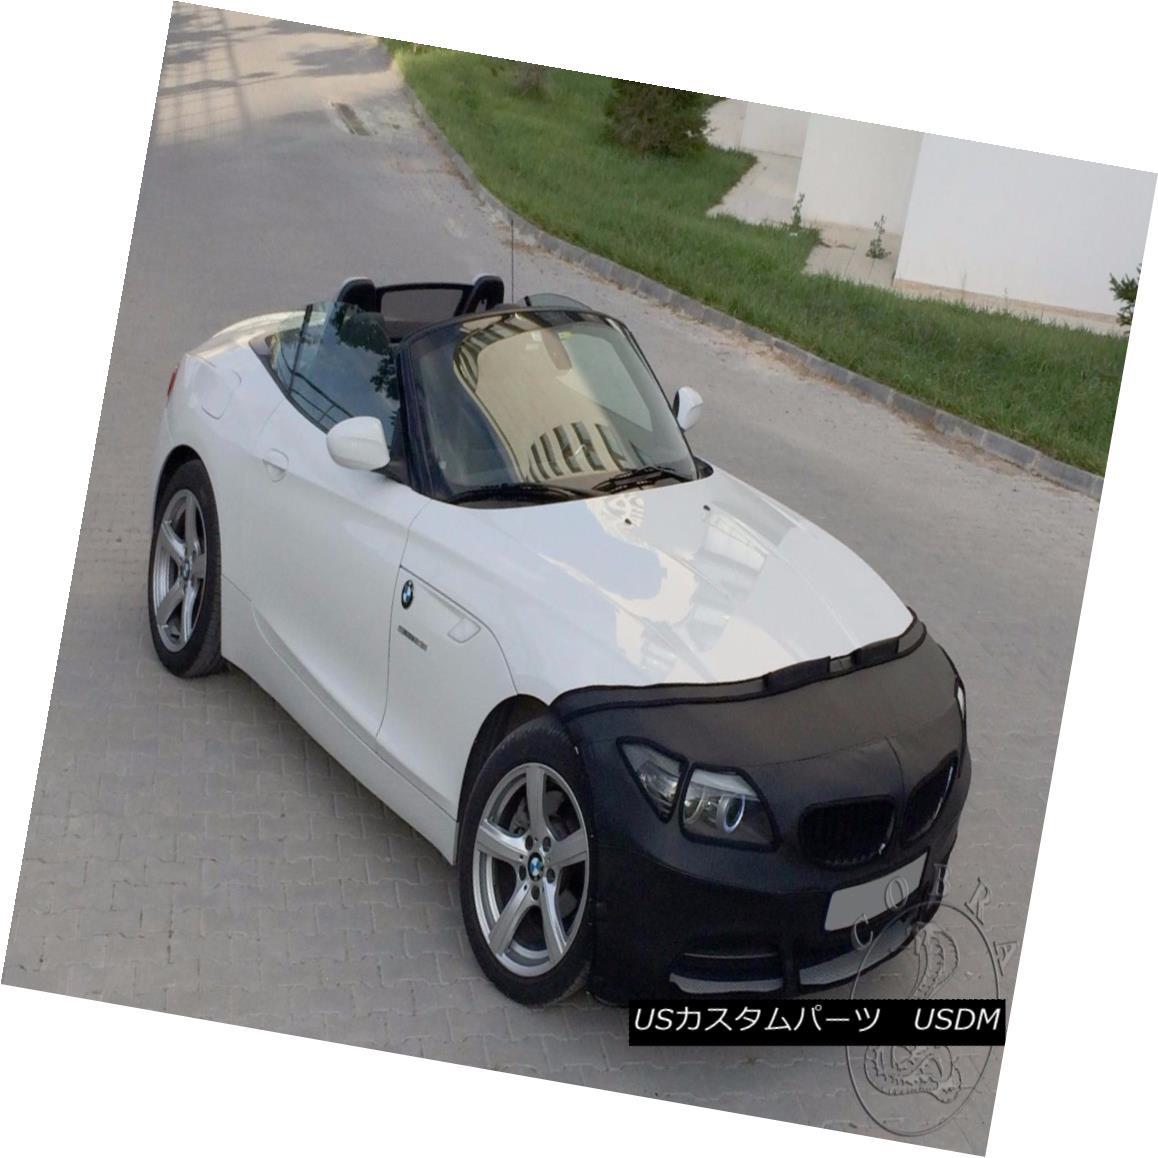 Fits BMW Z4 09 2010 2011 2012 2013 2014 2015 2016 Car FULL MASK BRA 1-Piece